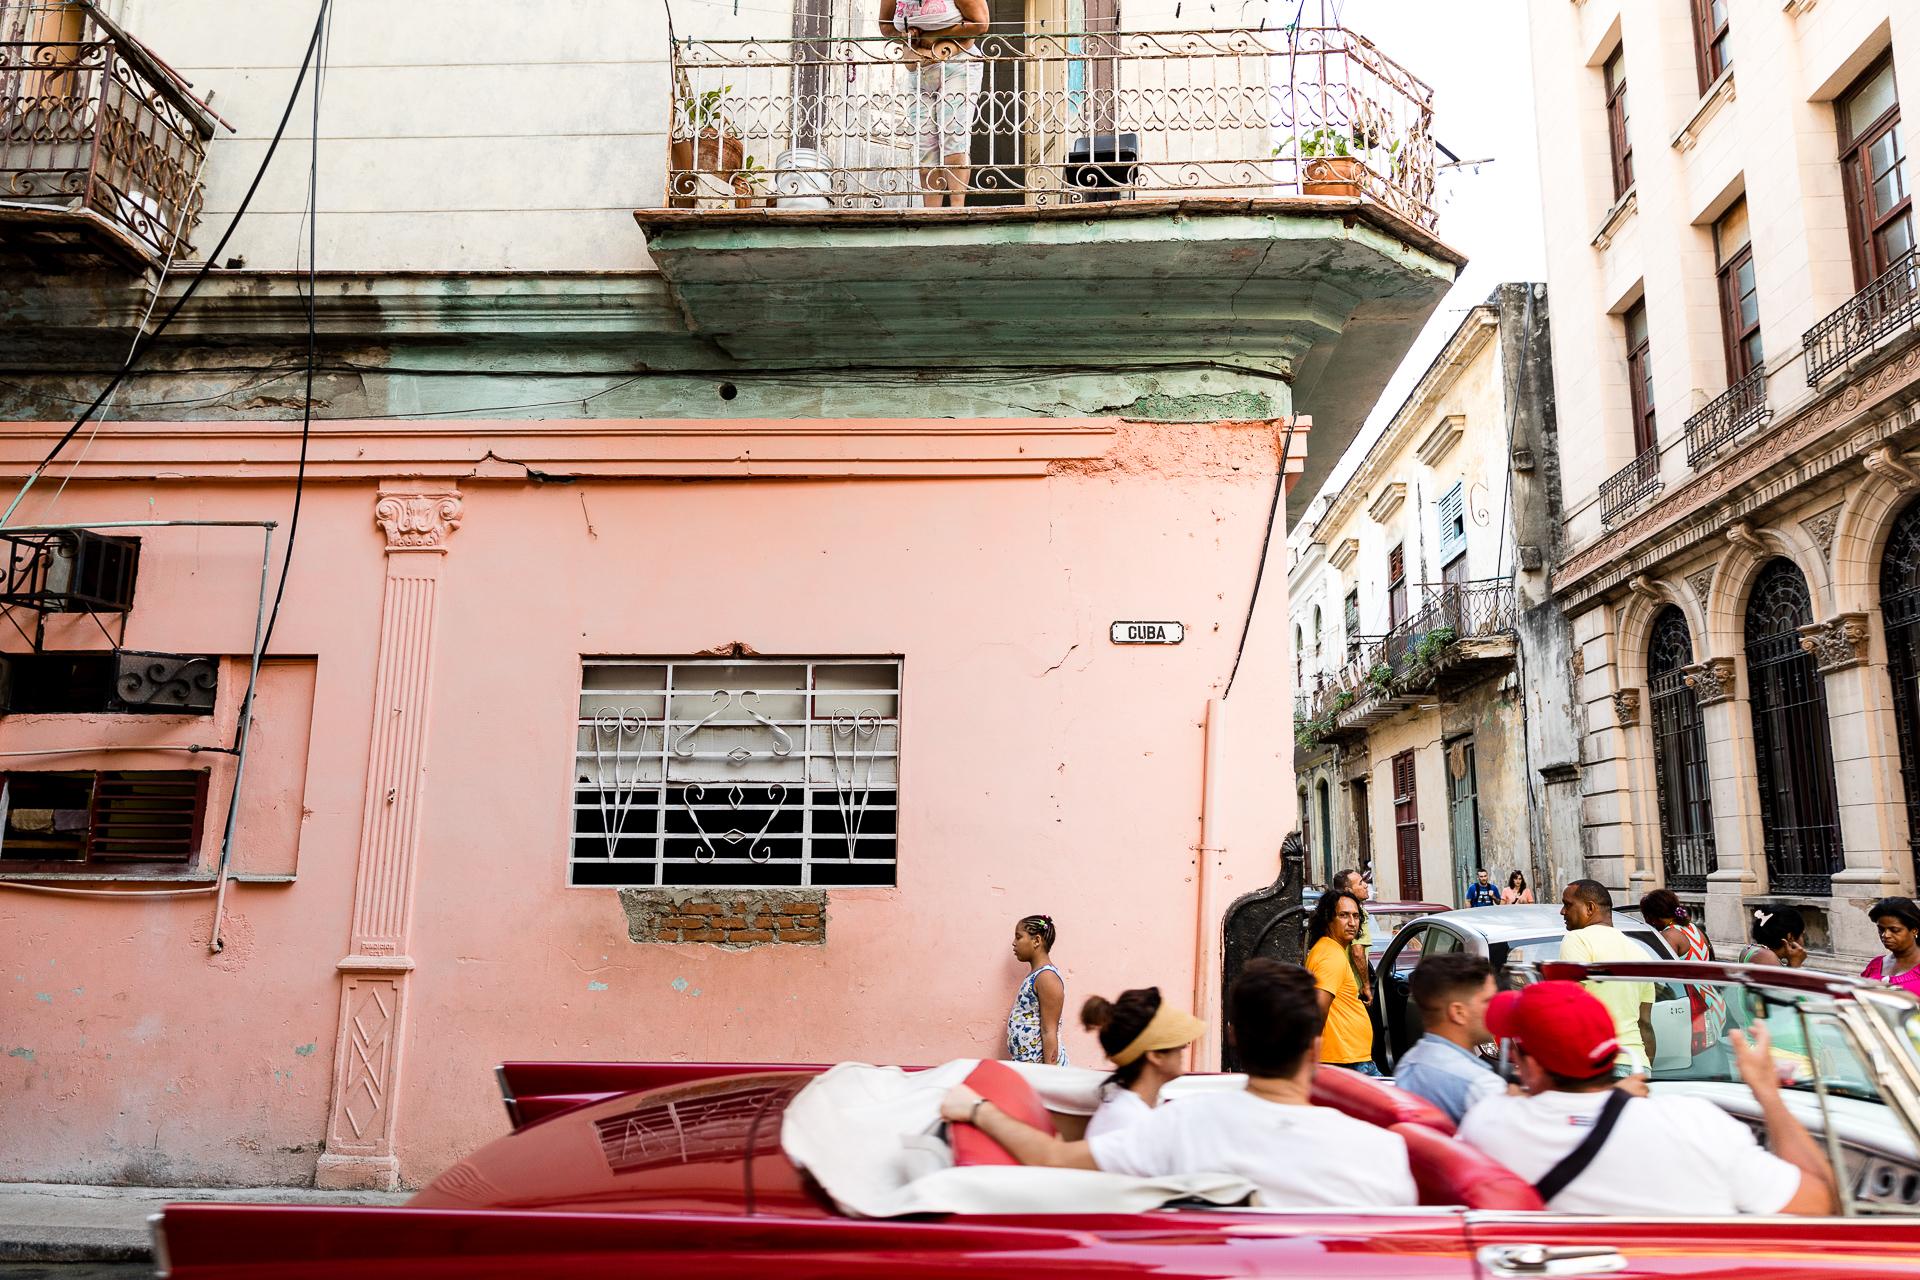 Oldtimer in Havanna Kuba Sehenswürdigkeiten und Reisetipps